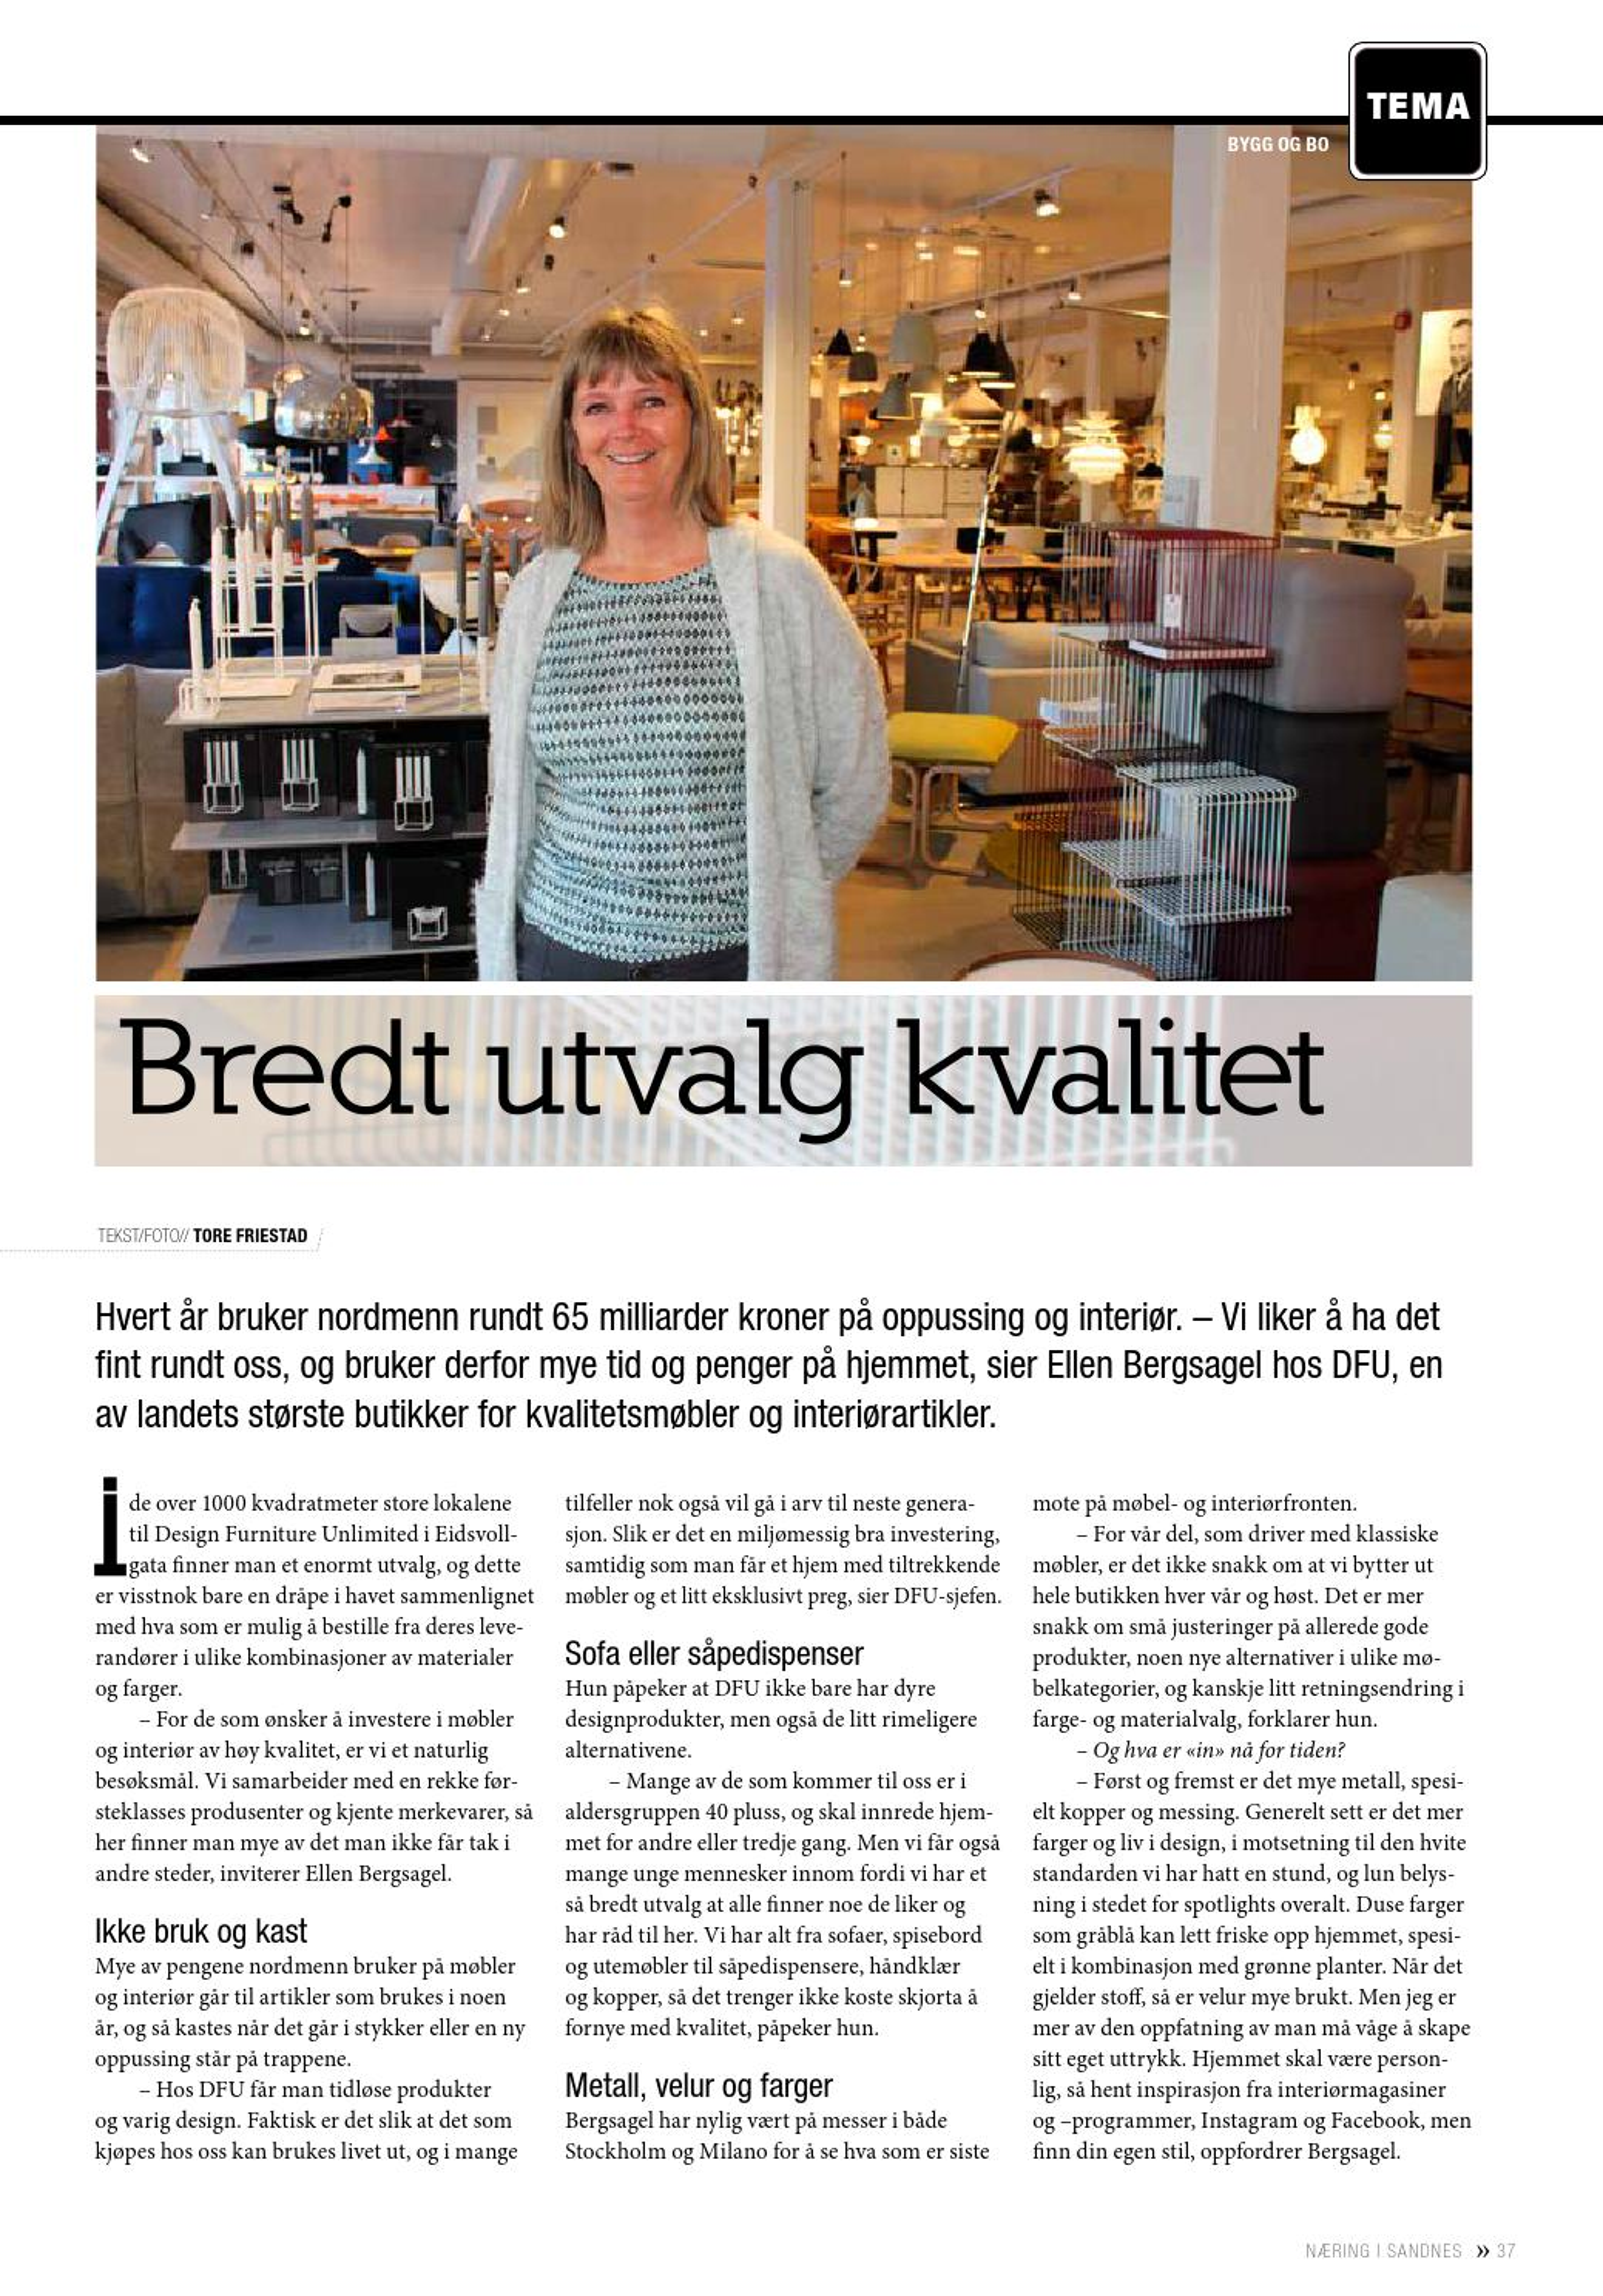 ede230d9 Næring i Sandnes 2-2016 by Lokomotiv Media - issuu